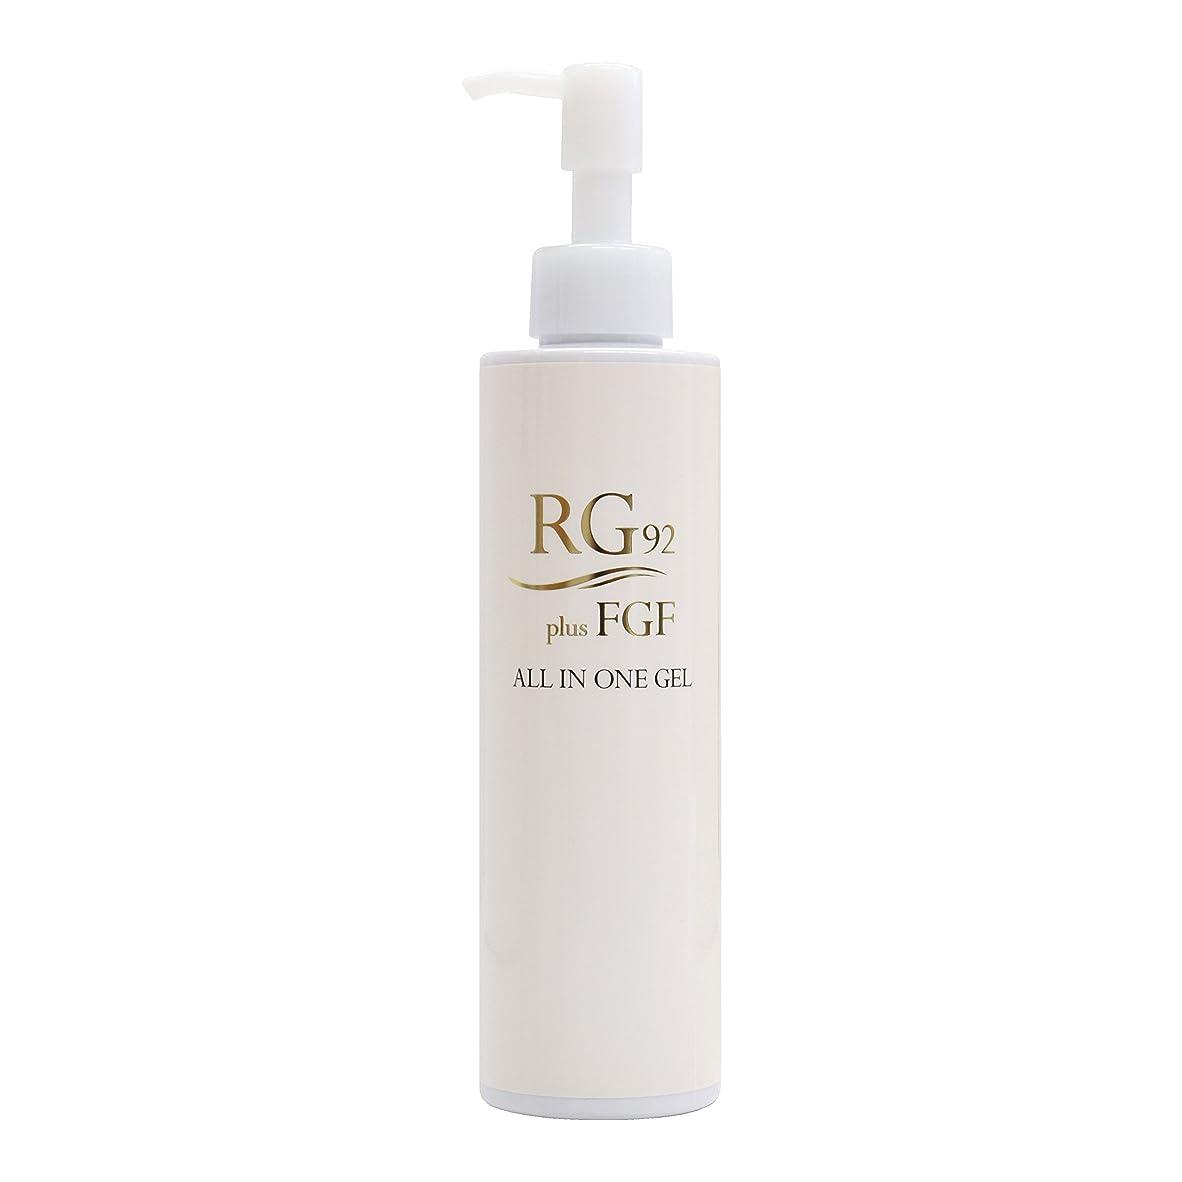 再生可能ラフ睡眠放射性RG92 FGF オールインワンジェル